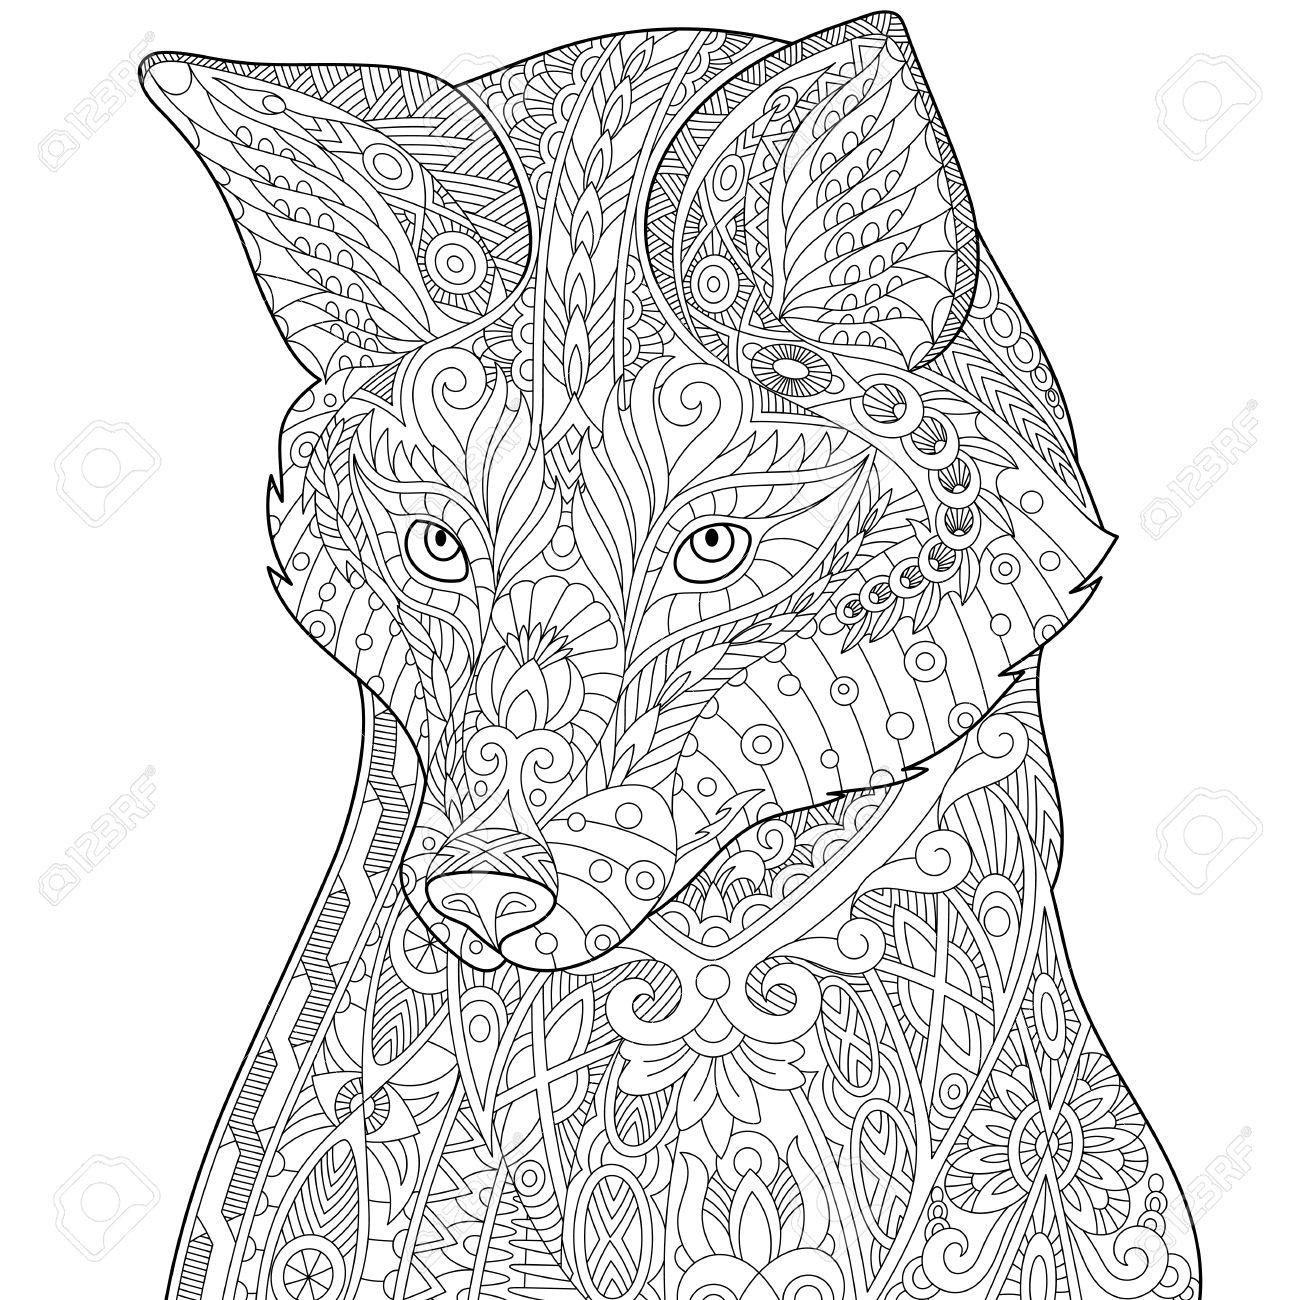 8 Ausmalbilder Erwachsene Wolf - Besten Bilder von ausmalbilder